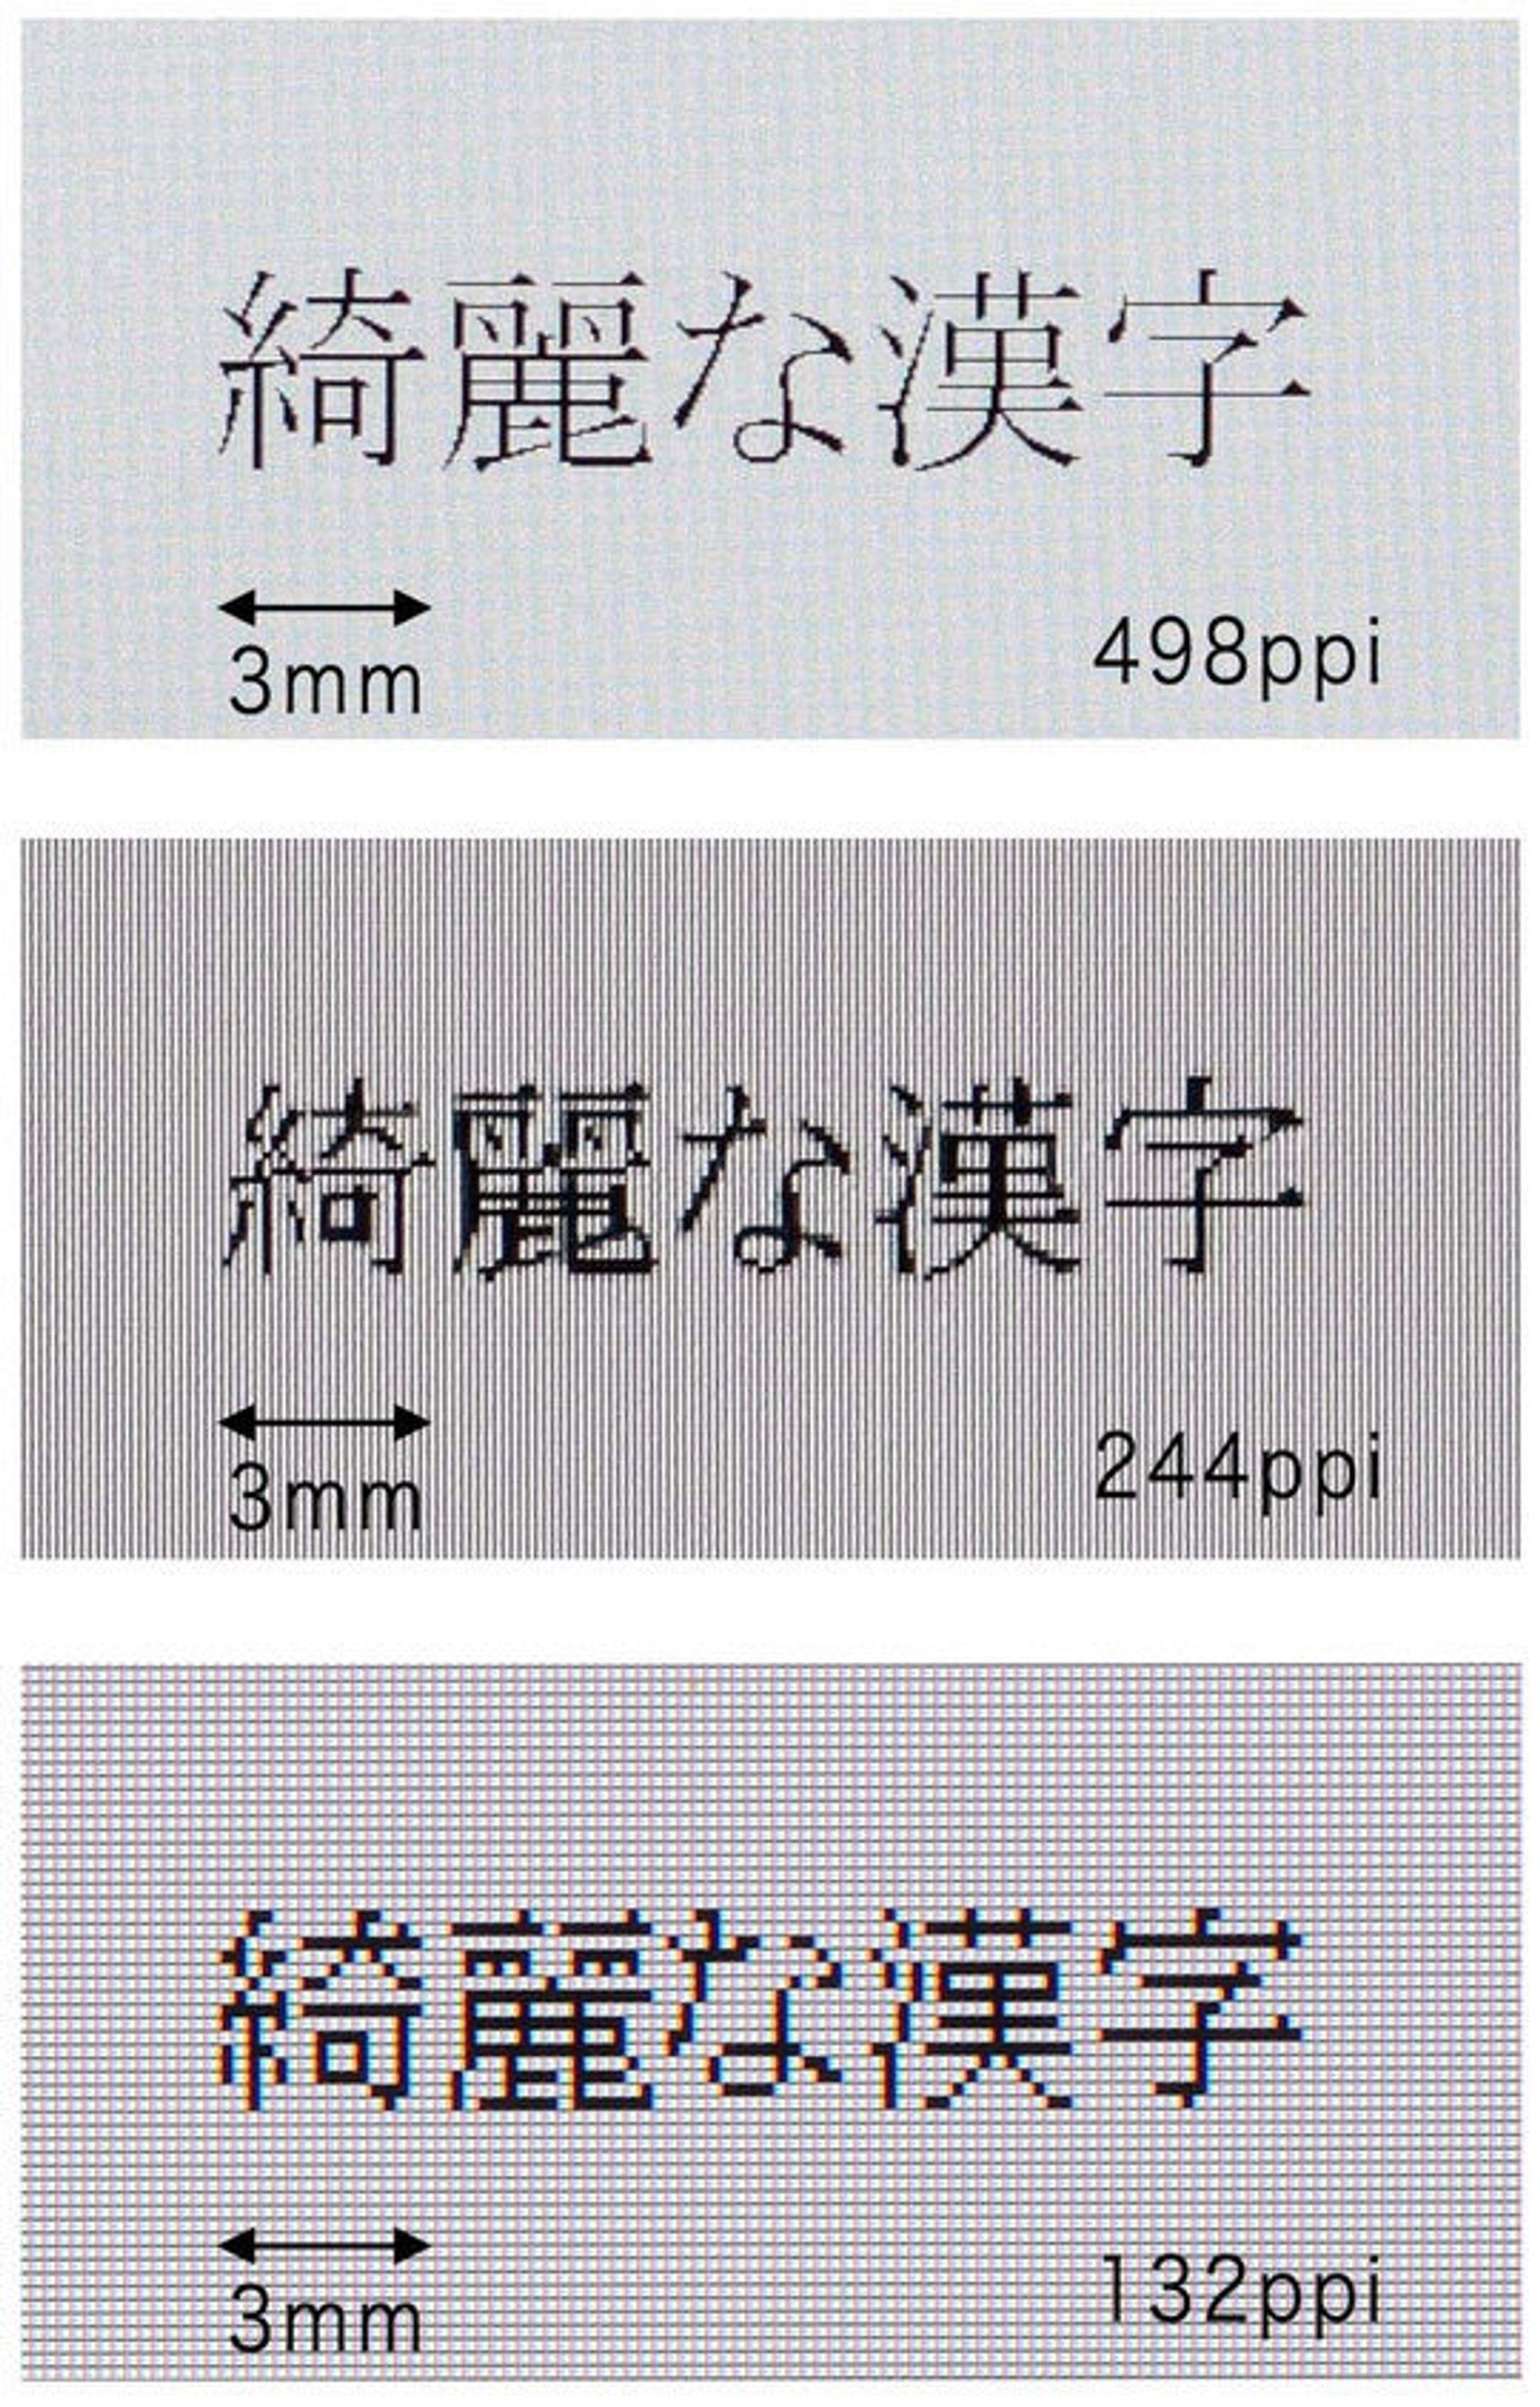 Forskjellen på paneler med ulike pikseltettheter.